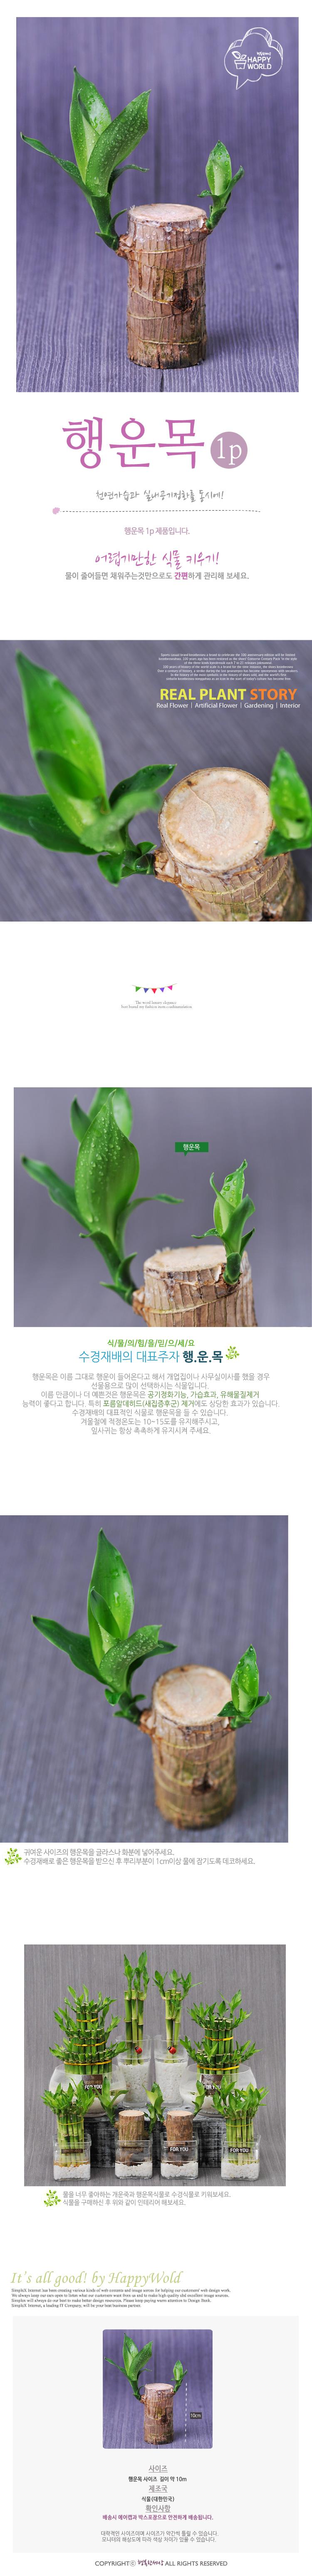 [행복한세상]행운목 - 지승, 3,000원, 허브/다육/선인장, 공기정화식물